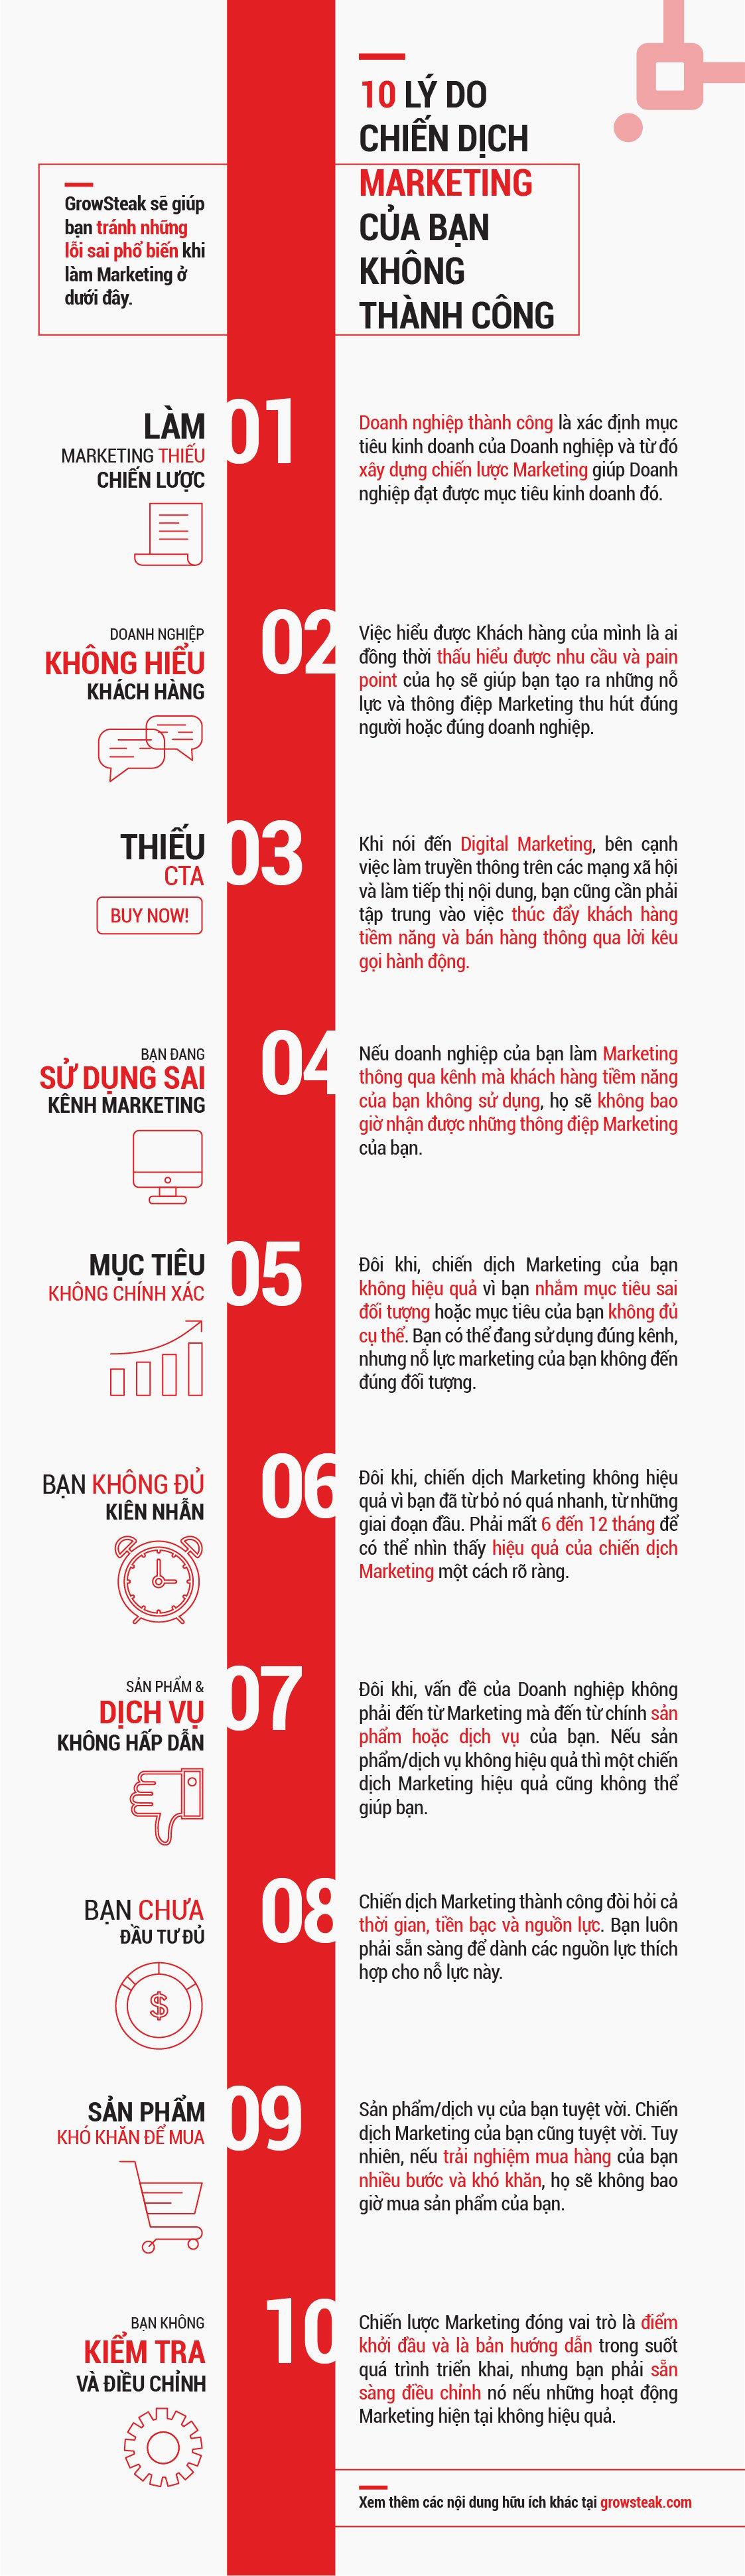 [INFOGRAPHIC] 10 Lý do chiến dịch Marketing của bạn không thành công (medium quality)